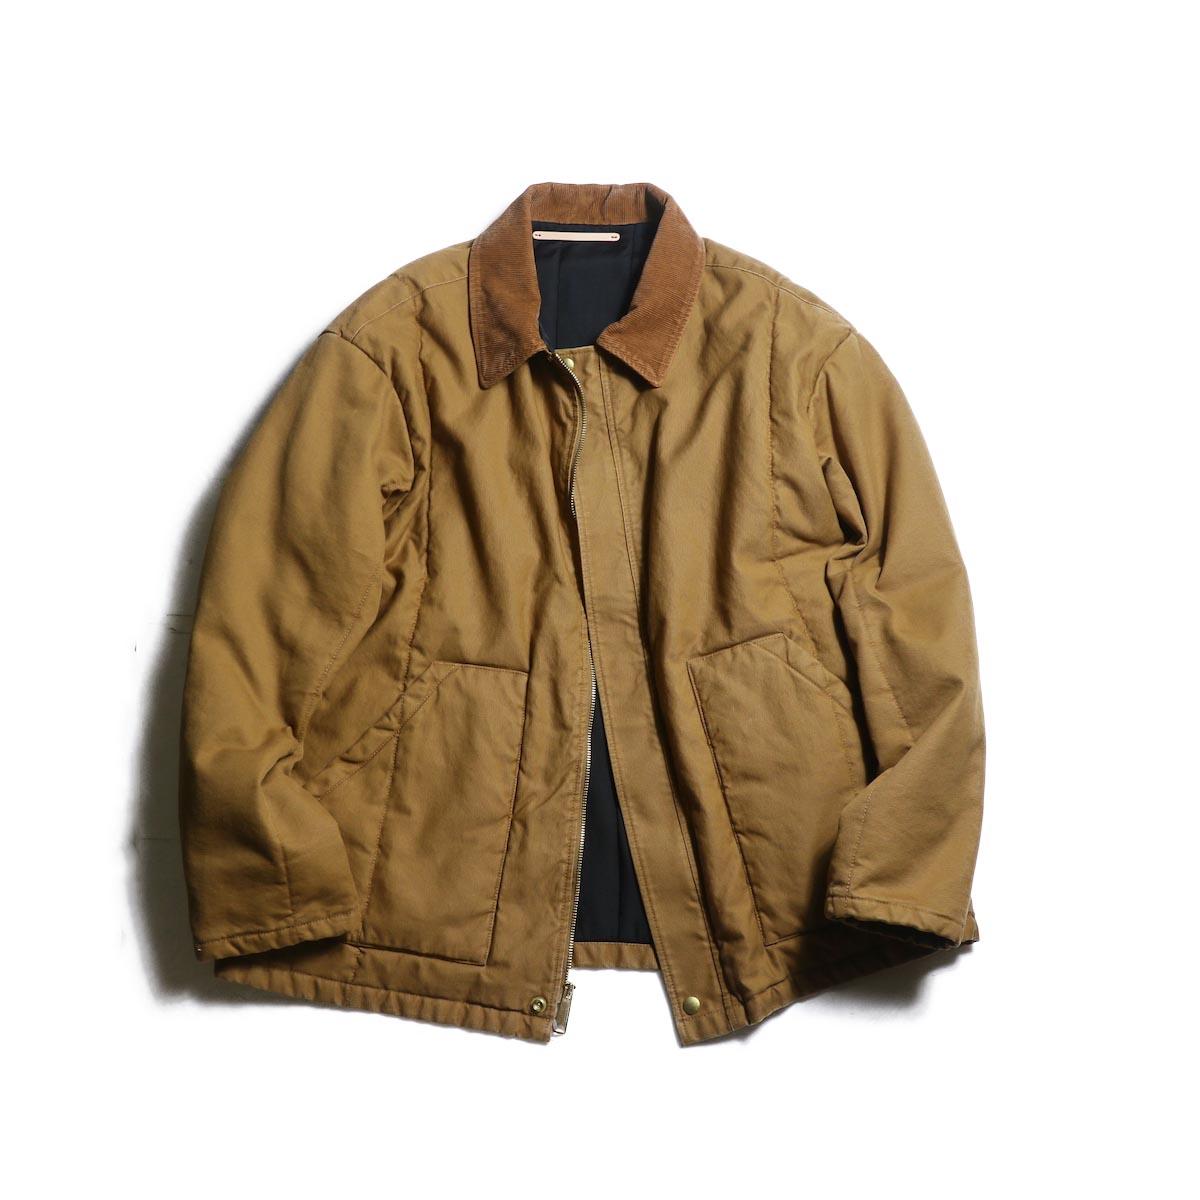 UNUSED / US1674 Duck Jacket (Brown)